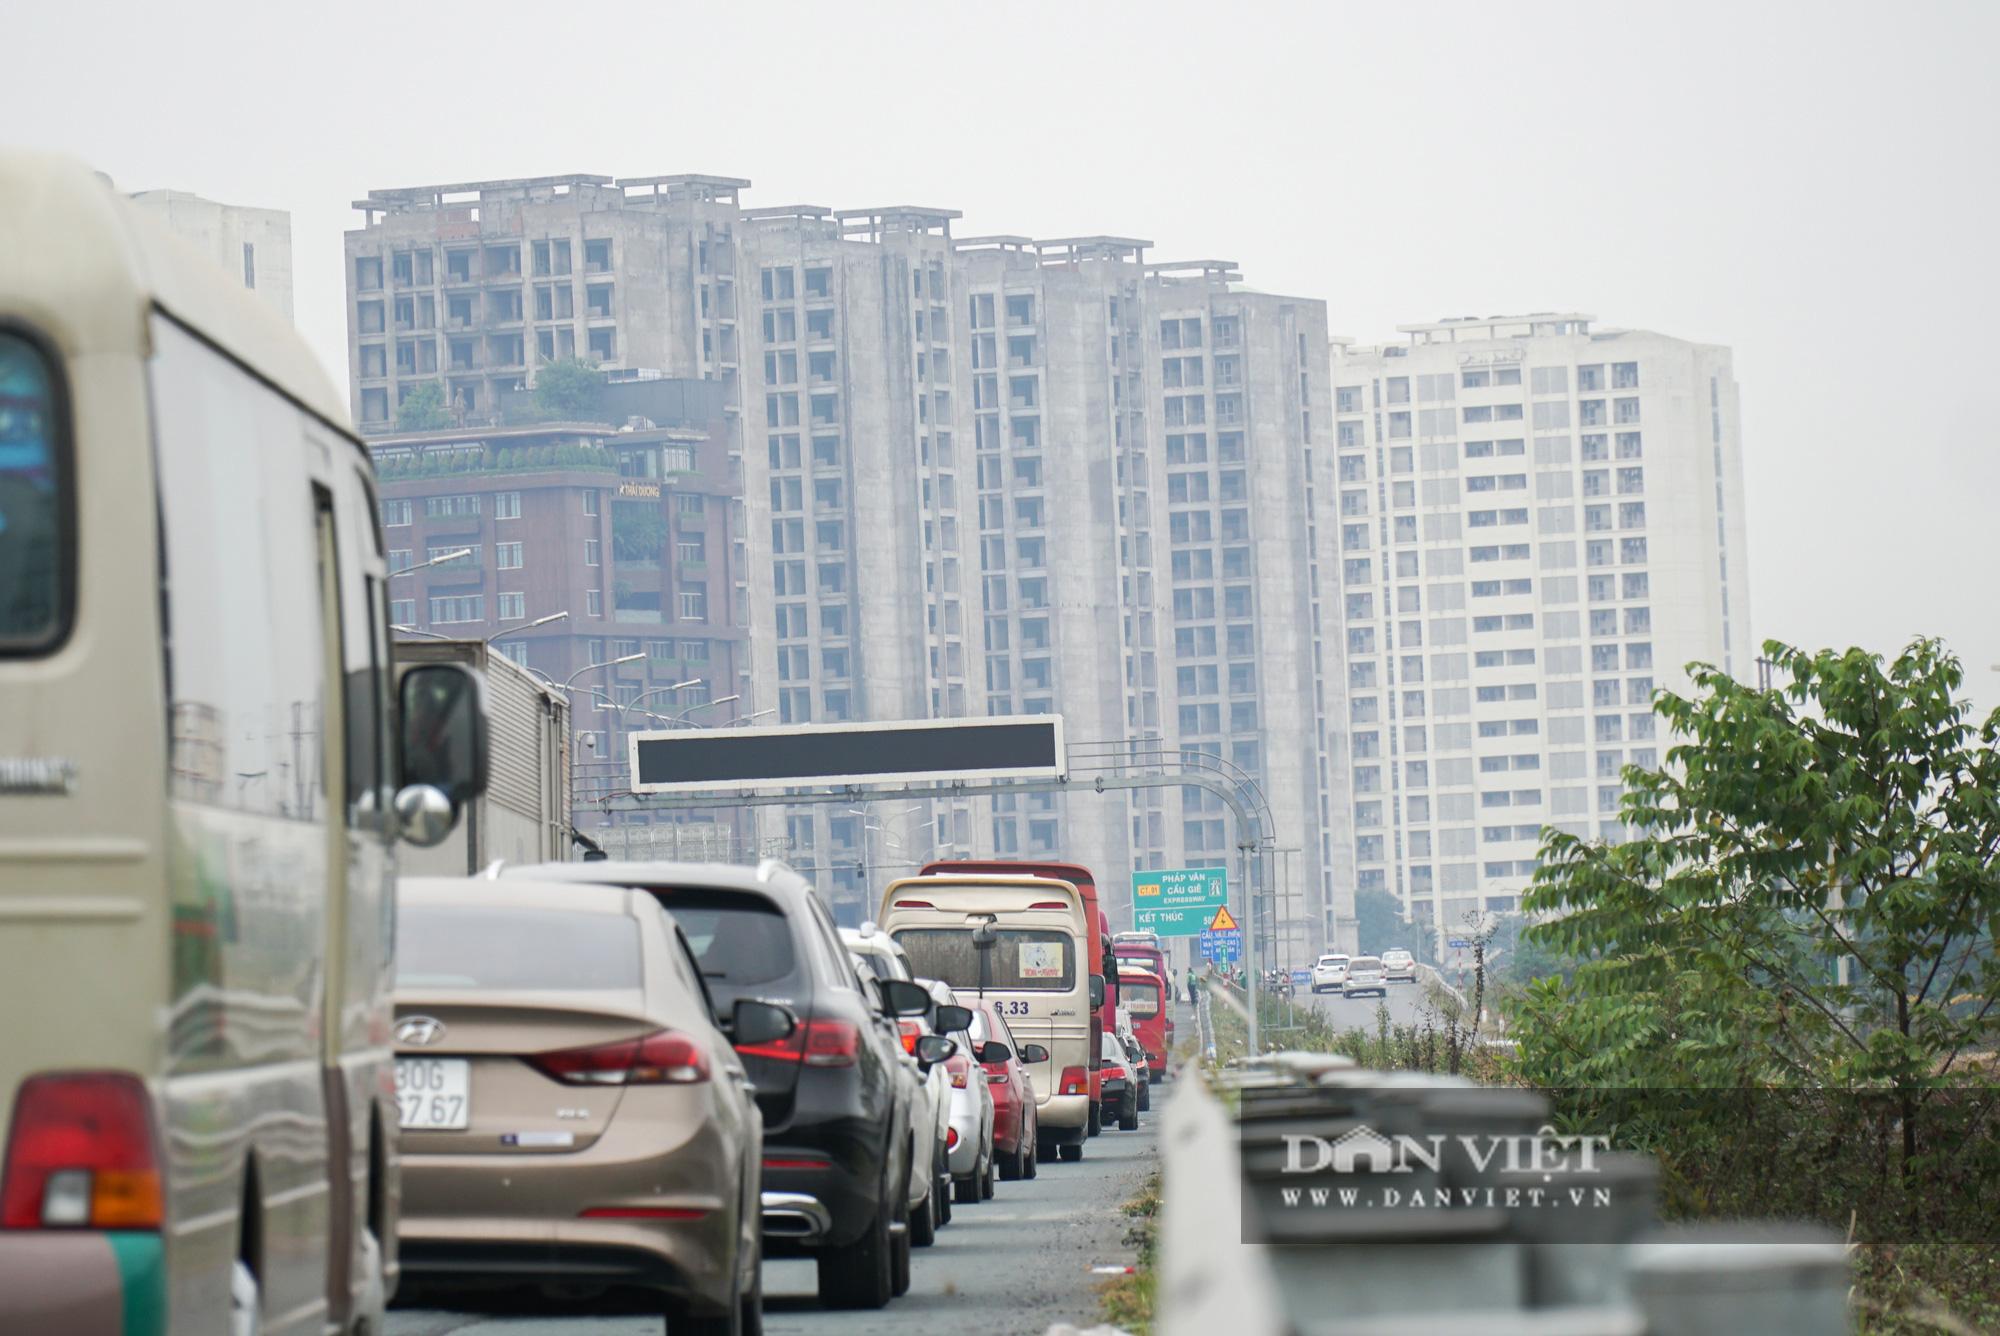 Cửa ngõ Thủ đô ùn tắc gần chục cây số sau khi kết thúc kỳ nghỉ Tết Dương lịch - Ảnh 6.